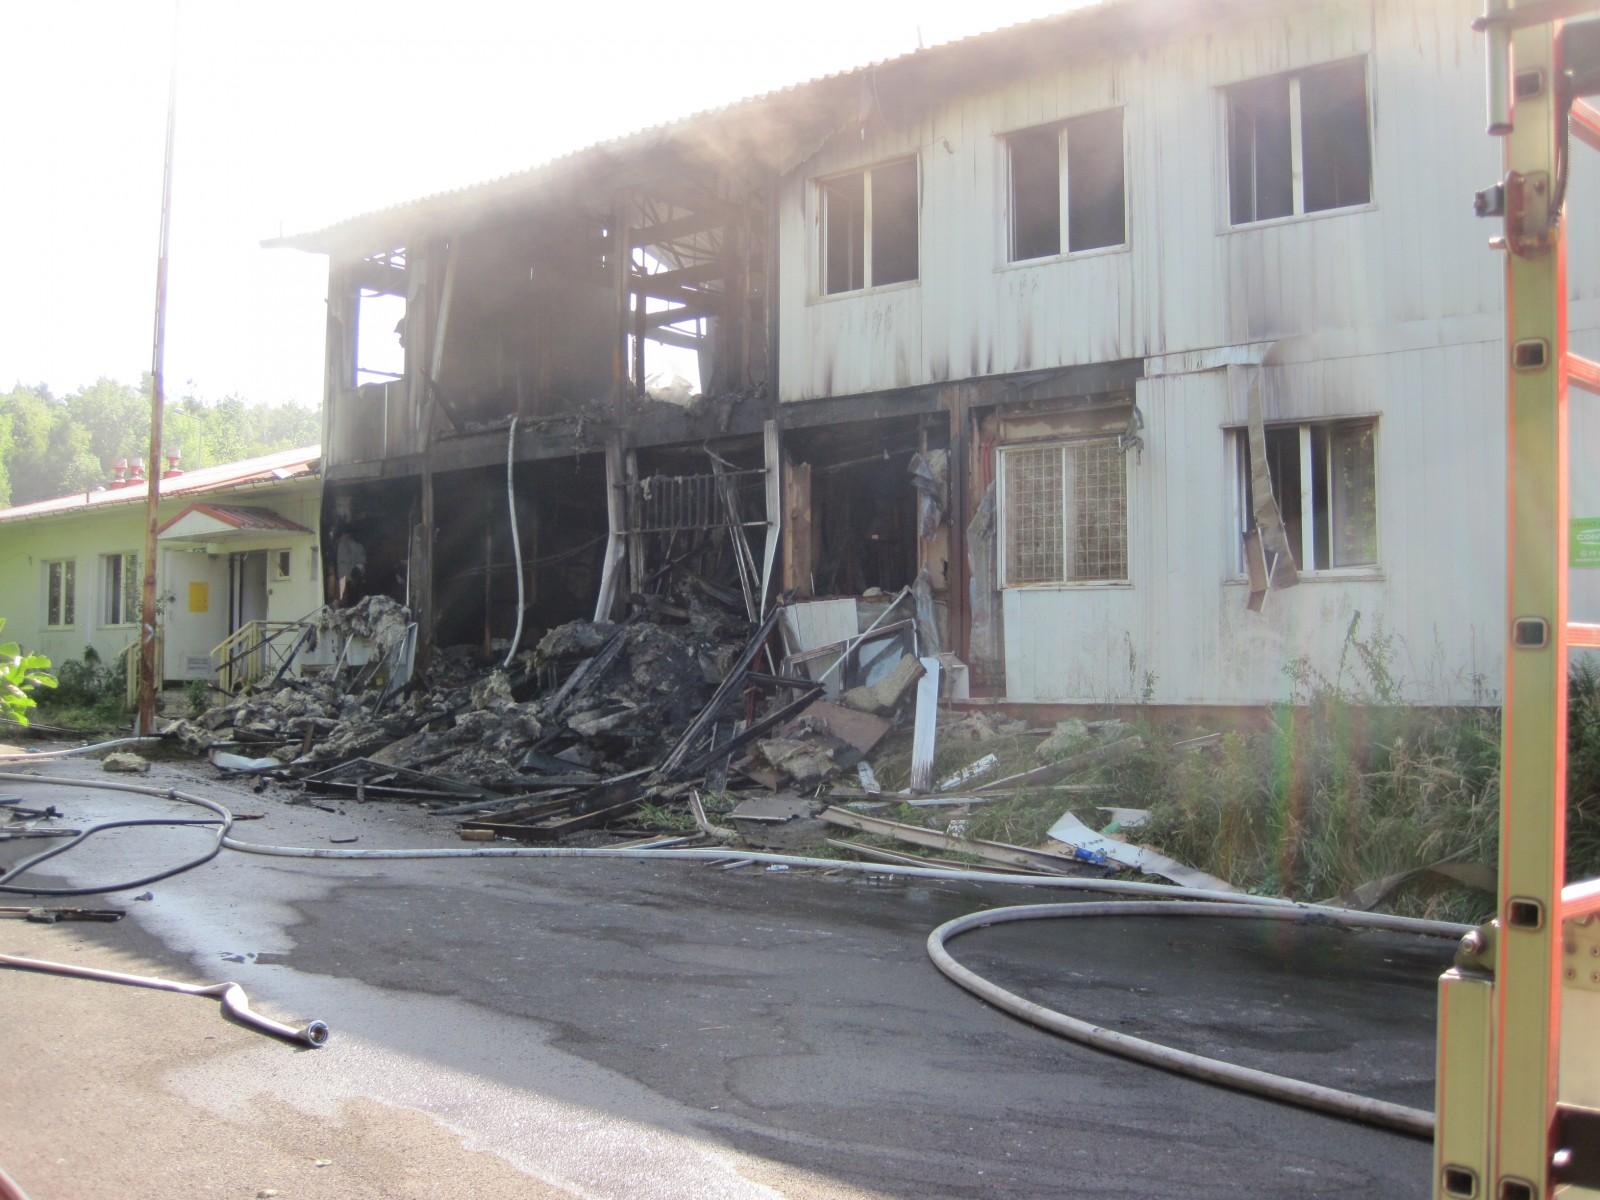 Pożar budynku po byłej placówce Straży Granicznej w Bogatyni / fot. mł.asp.Wojciech Piechowicz / KP PSP Zgorzelec